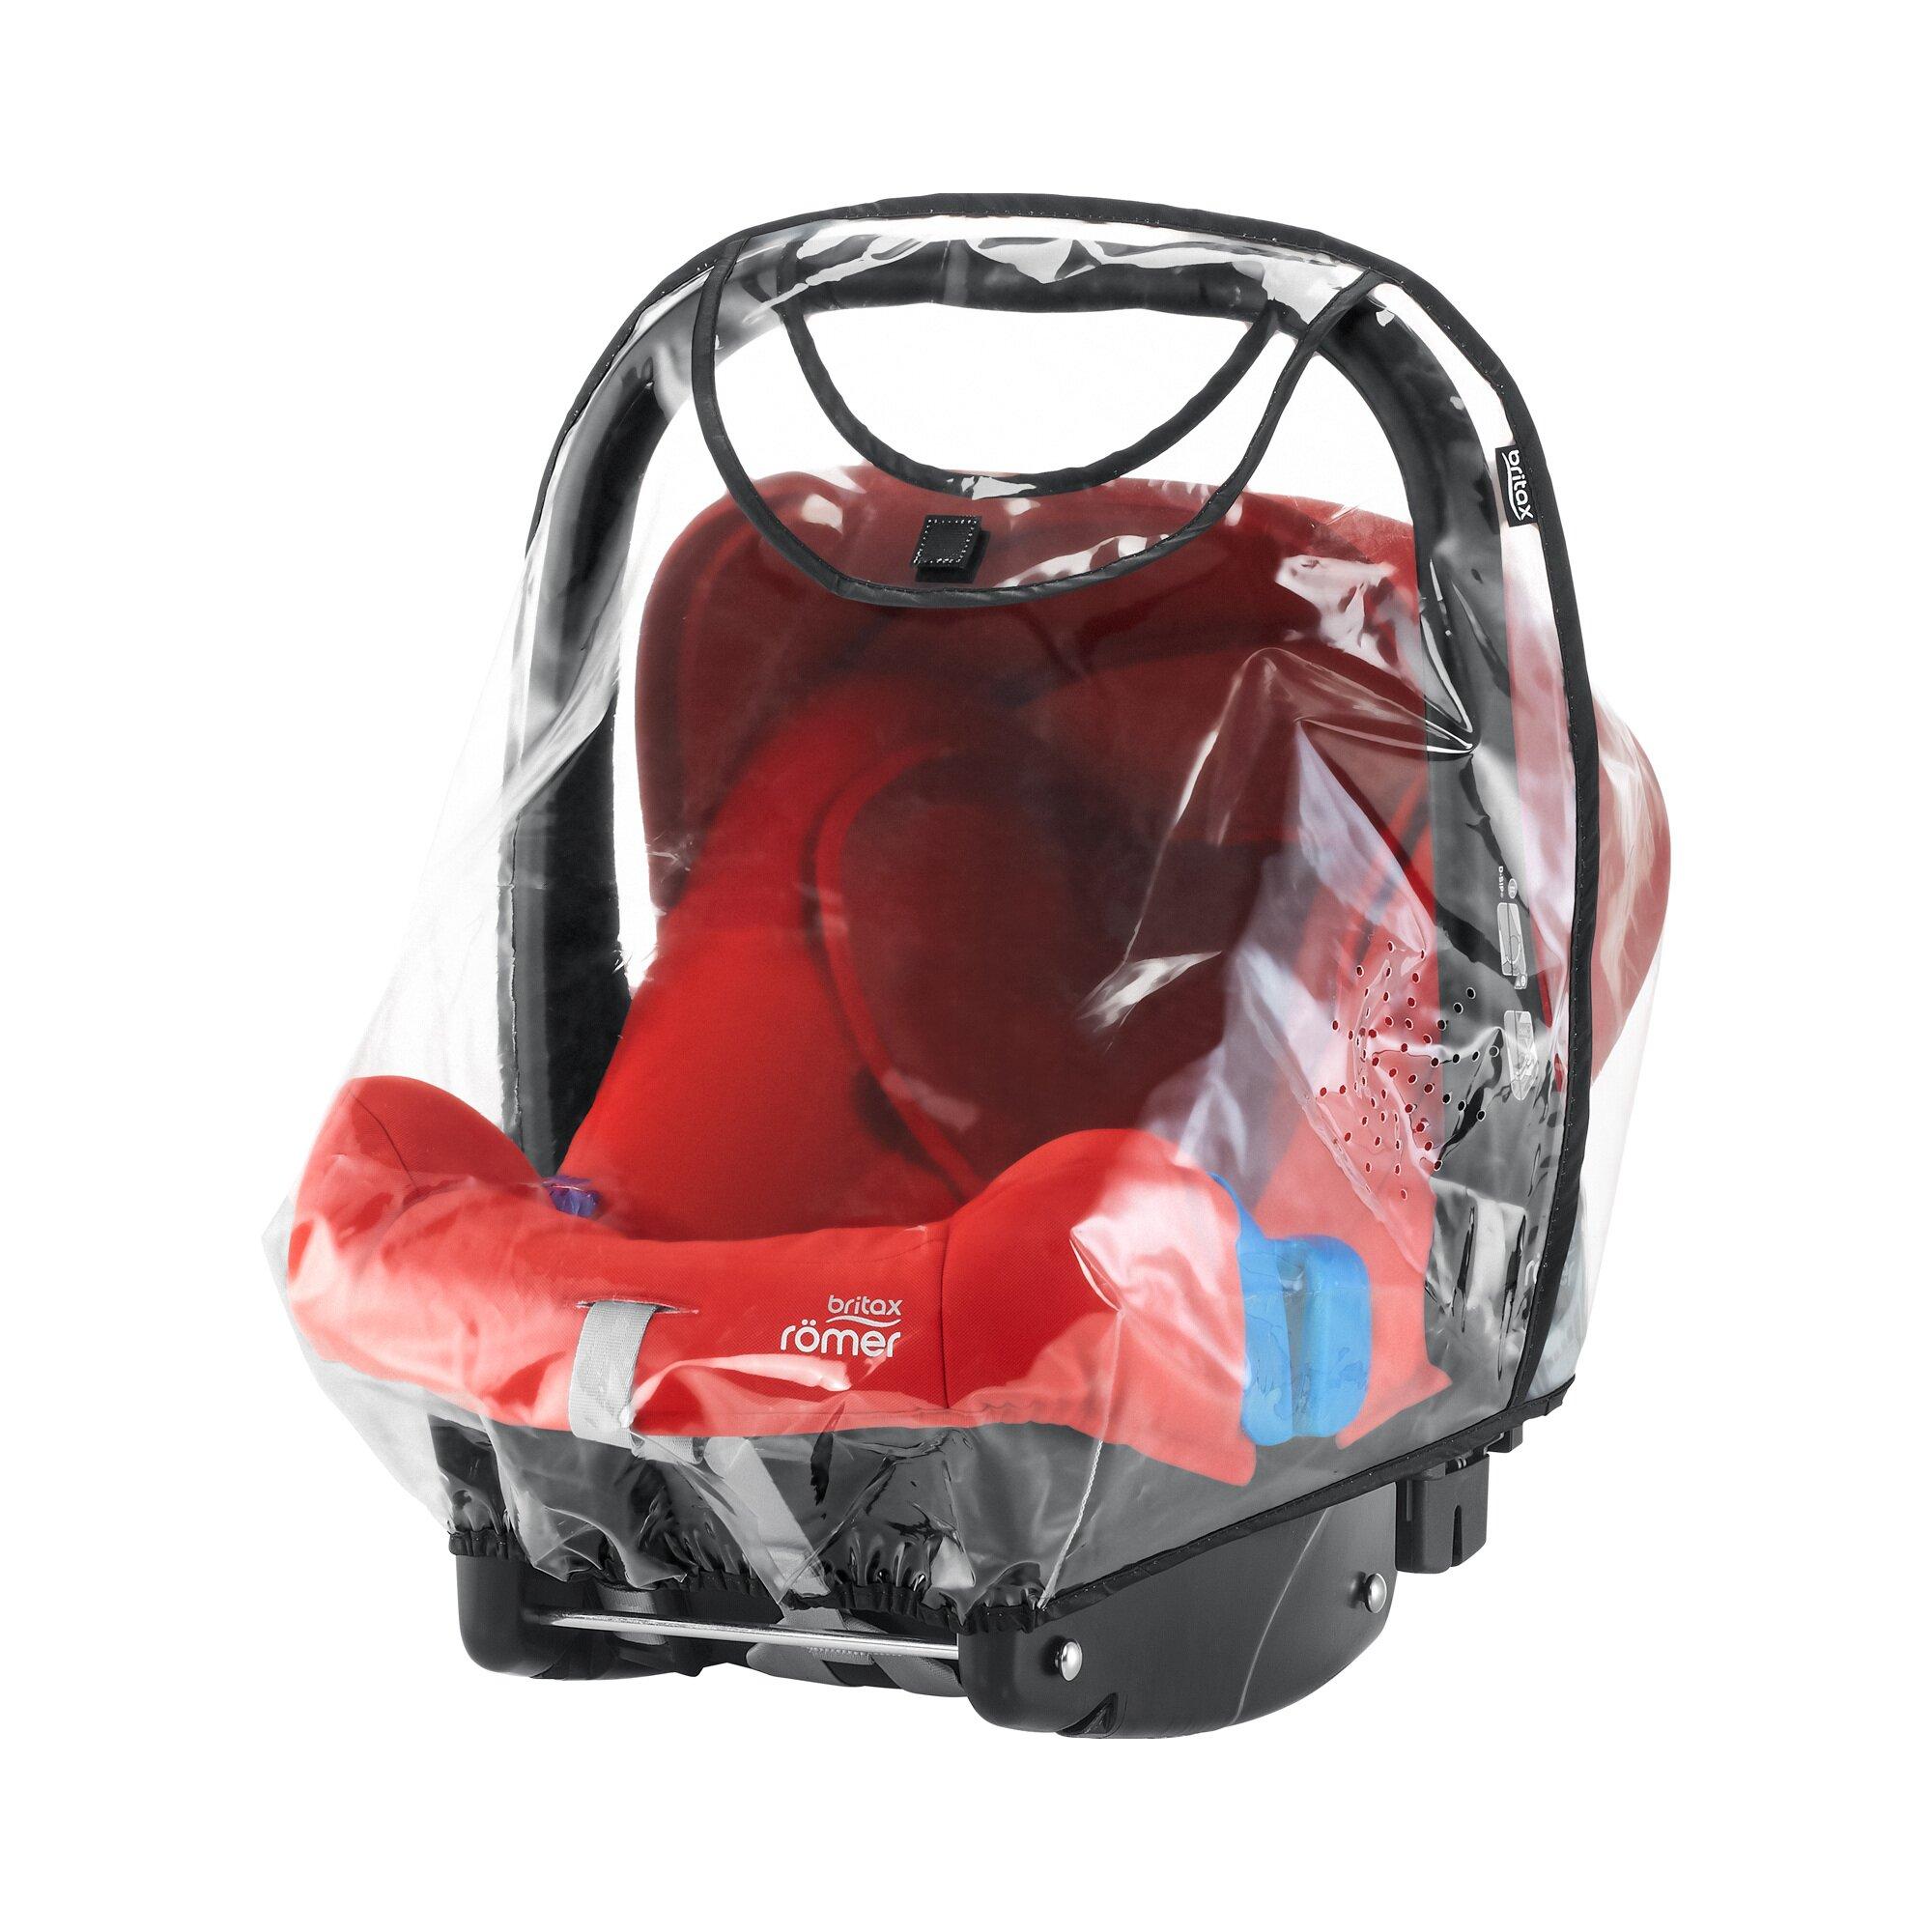 britax-romer-regenschutz-fur-babyschale-baby-safe-i-size-baby-safe-i-size-baby-safe-plus-shr-ii-baby-safe-plus-ii-babysafe-plus-und-primo